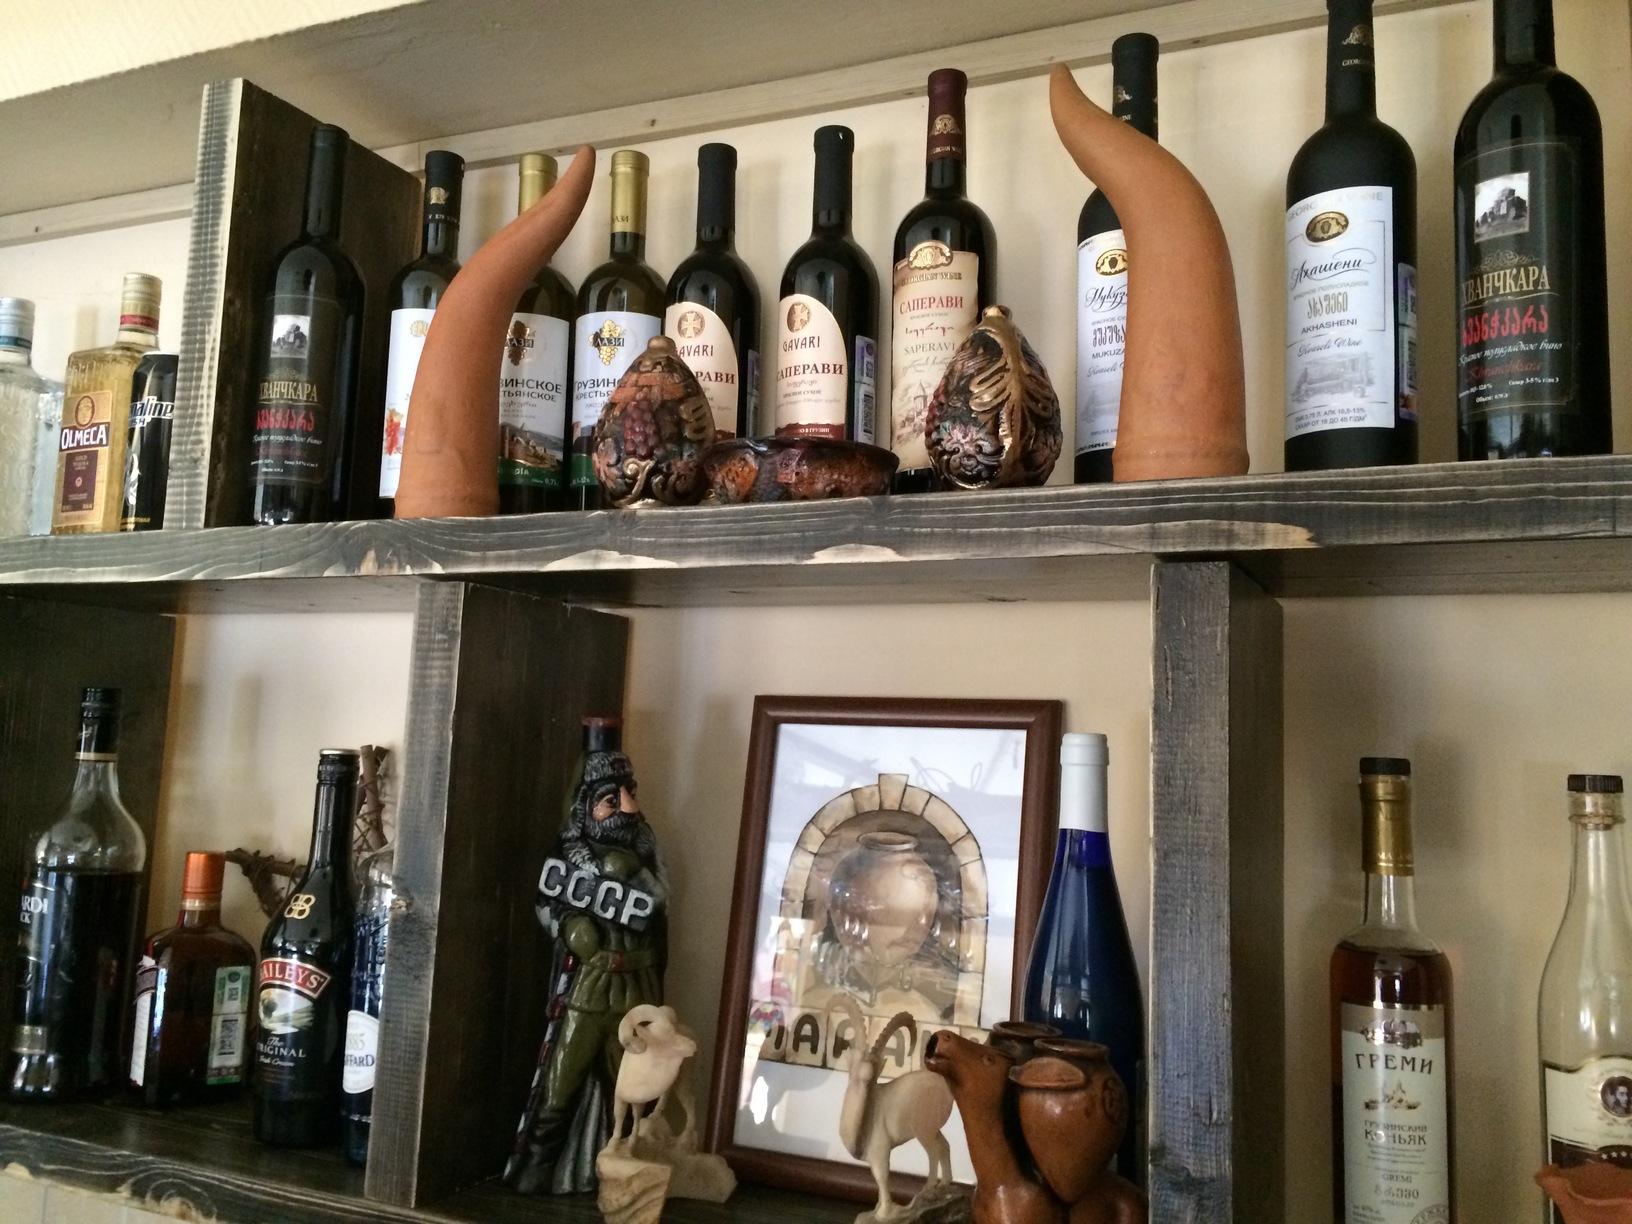 Ответственность за продажу алкоголя без лицензии